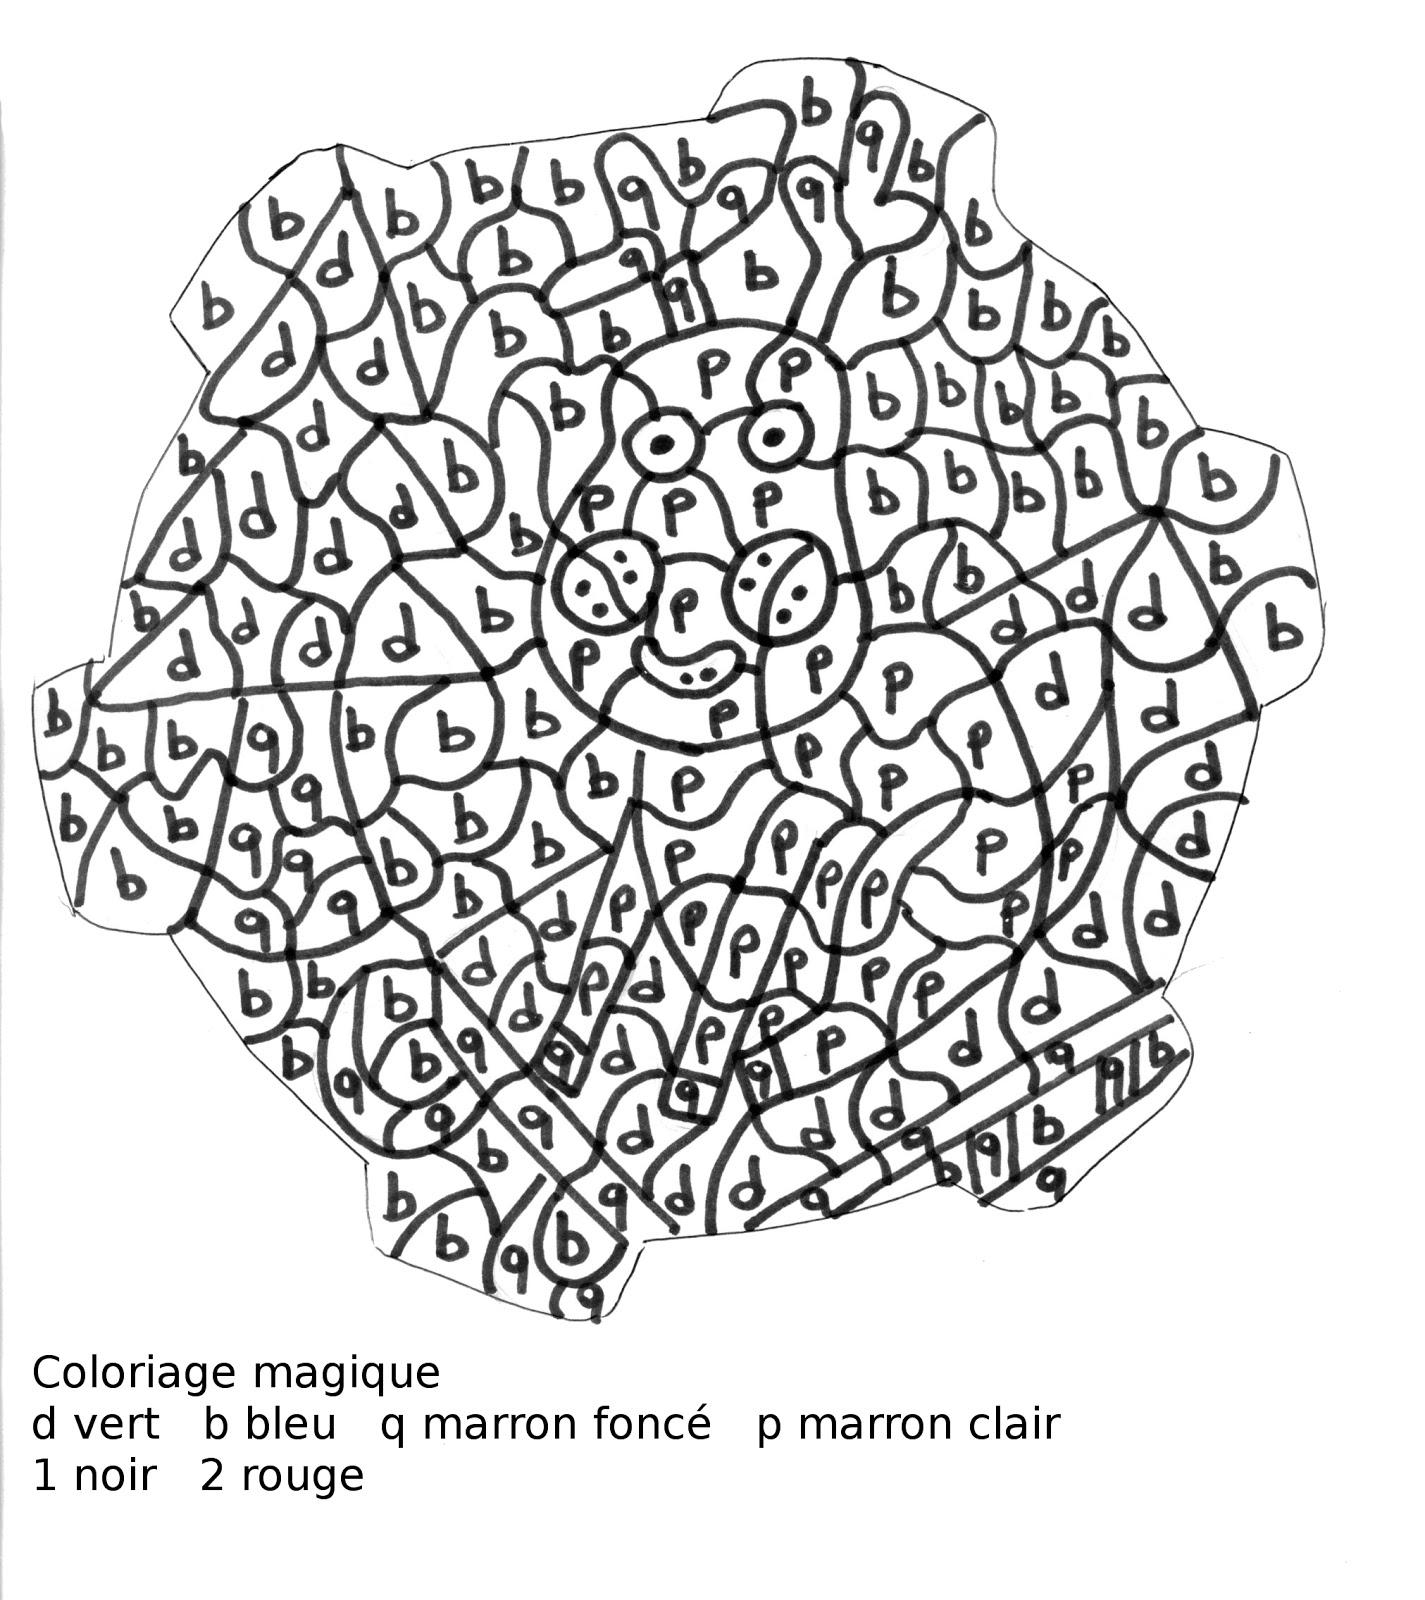 Coloriage Magique Noel Petite Section dedans Coloriage Magique Petite Section